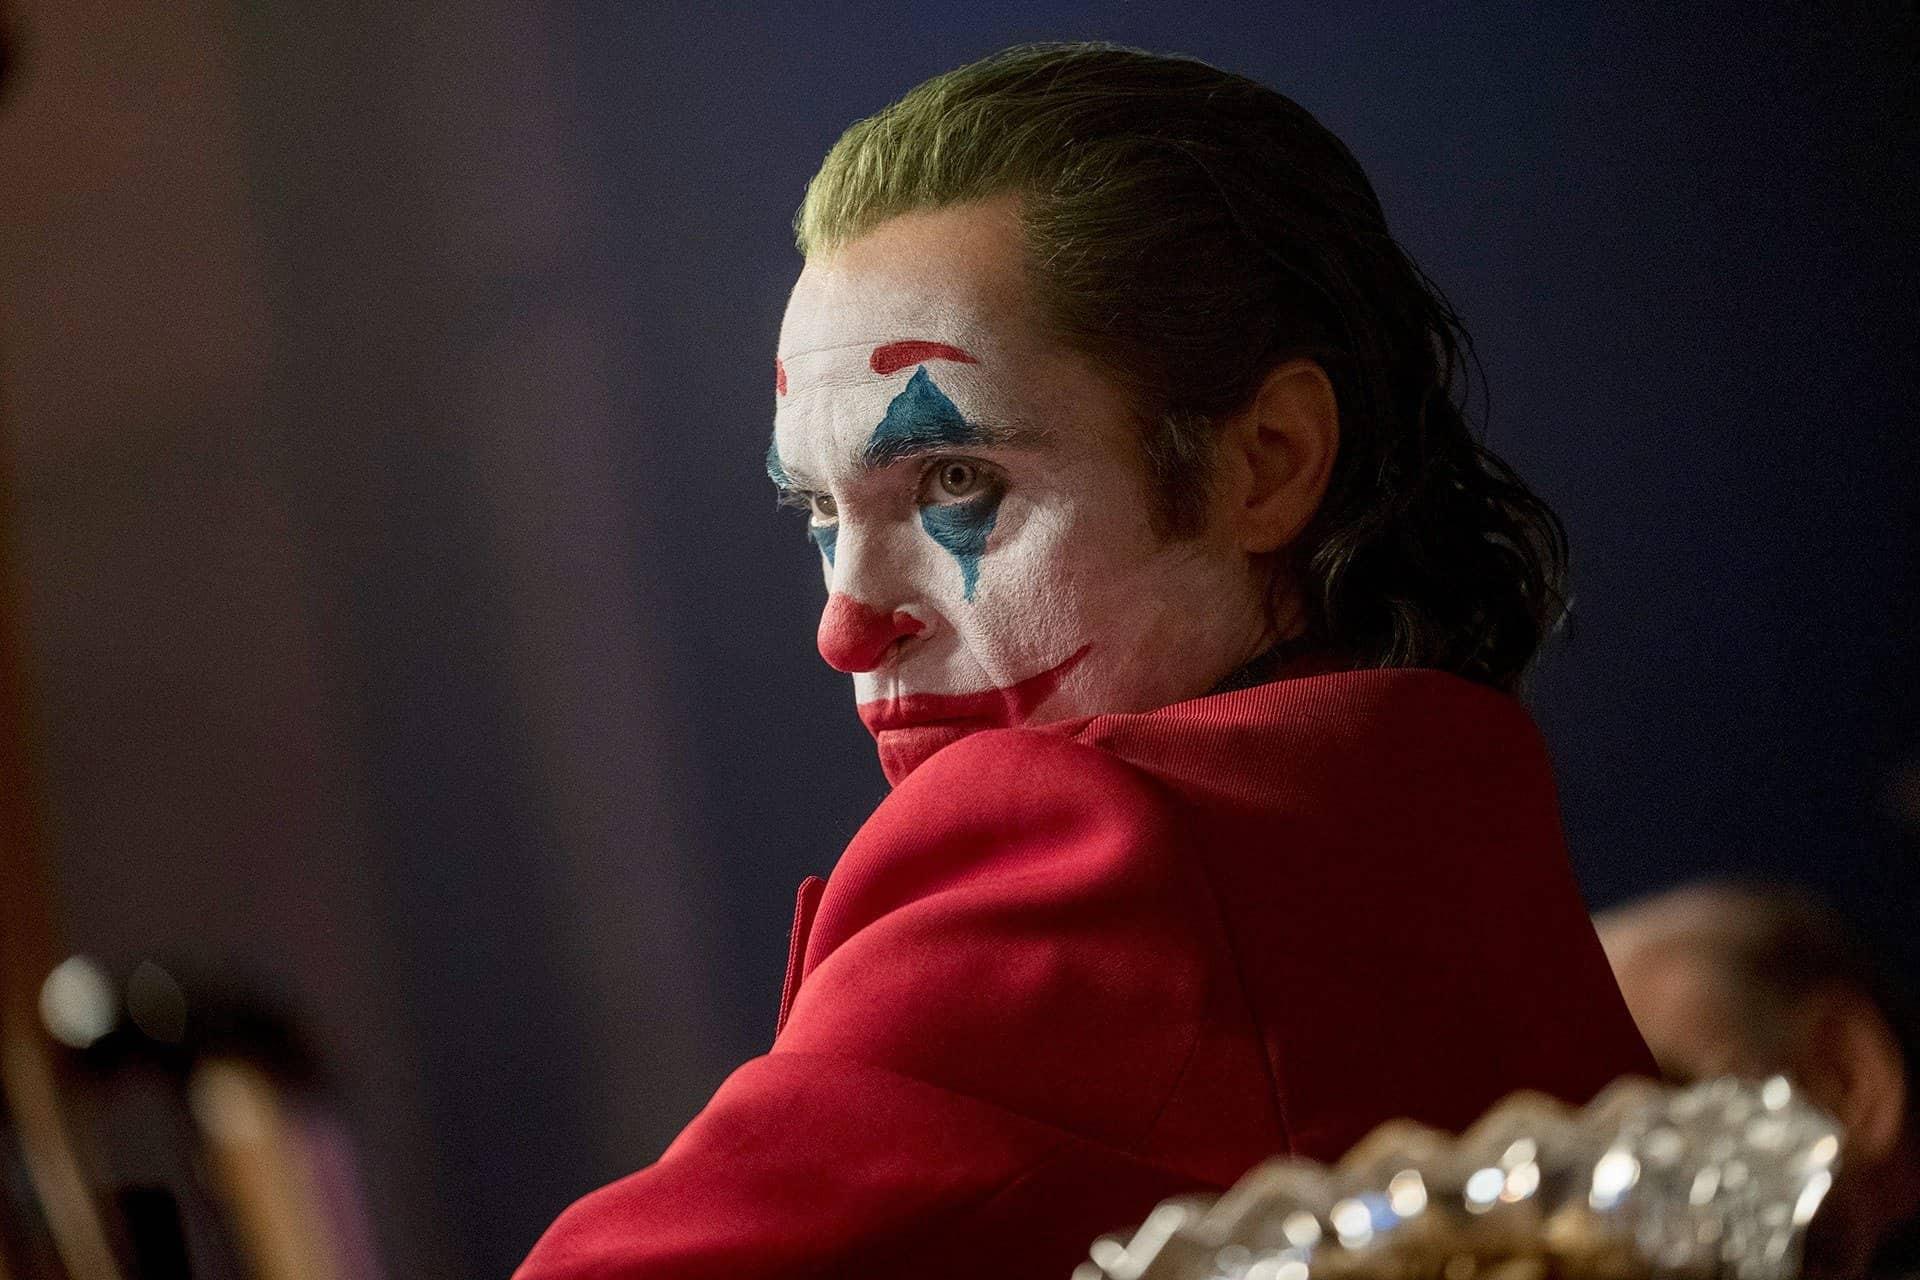 《小丑》导演愿意拍续集 外媒:杰昆或加入DC电影宇宙